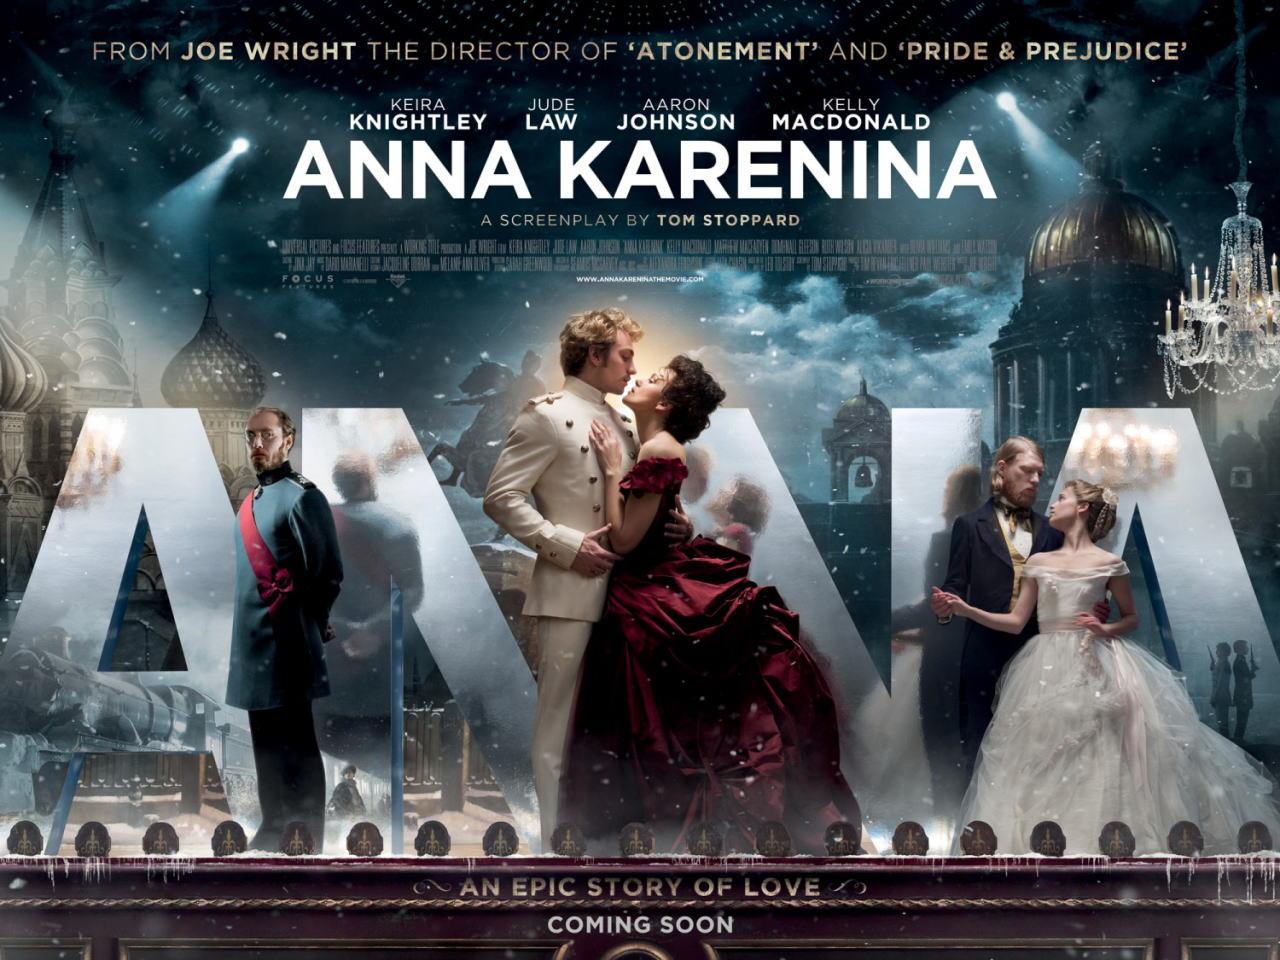 映画『アンナ・カレーニナ ANNA KARENINA』ポスター(4)▼ポスター画像クリックで拡大します。